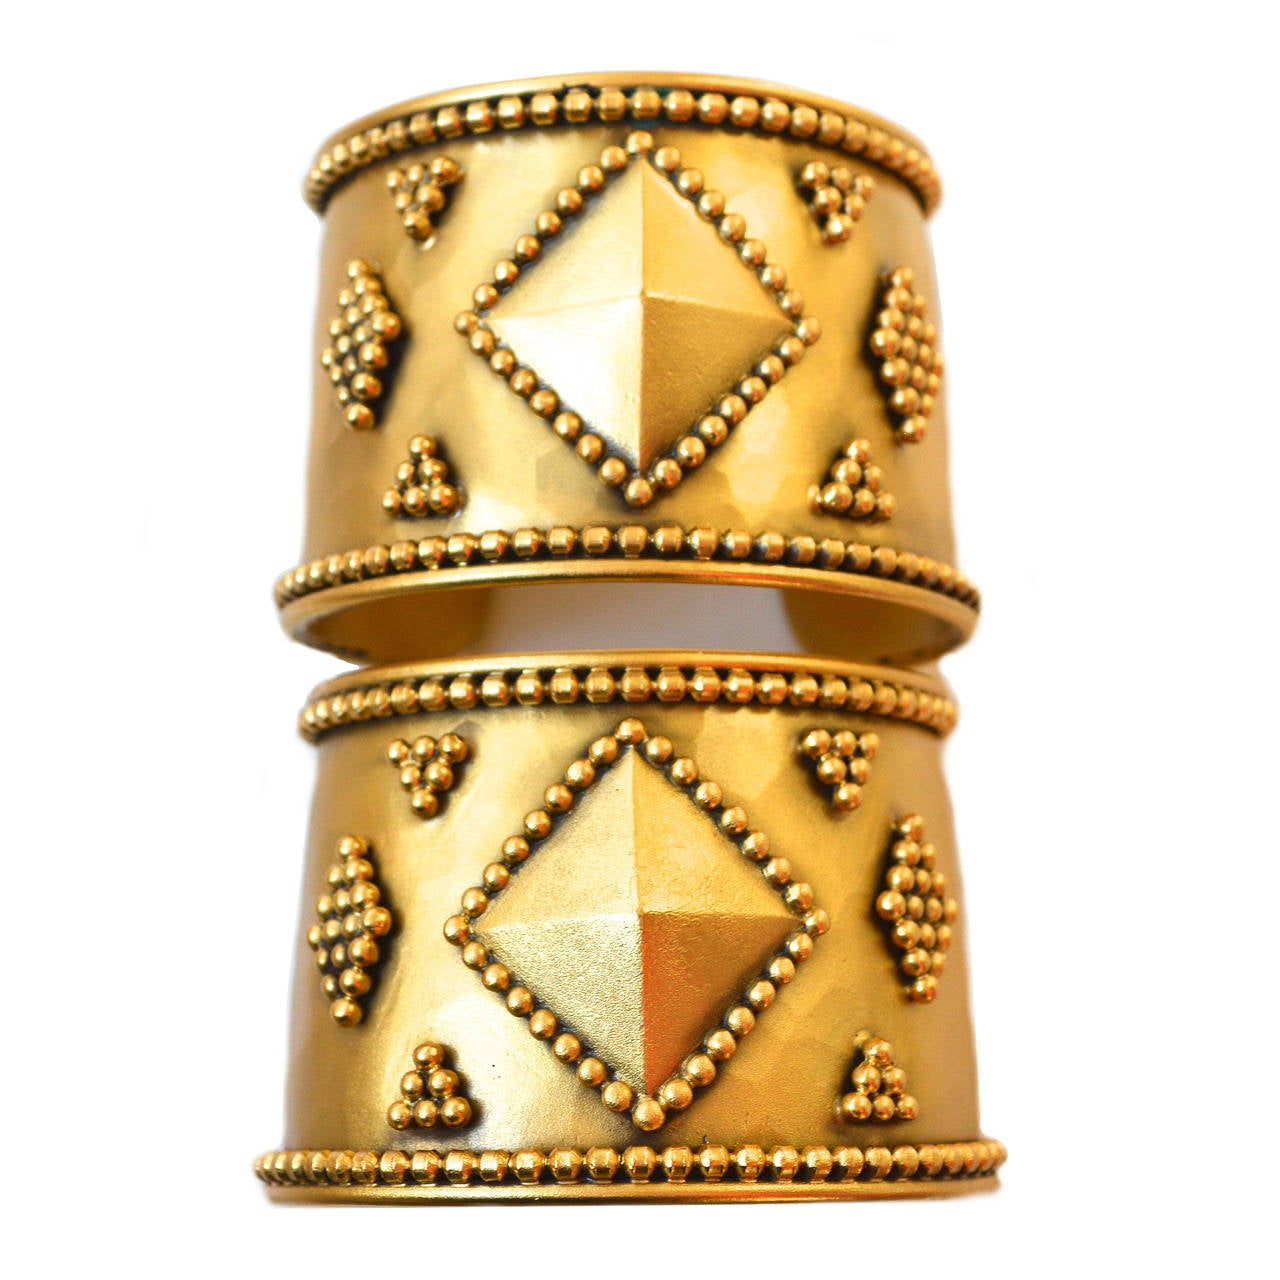 Yves Saint Laurent Armor Bracelets For Sale